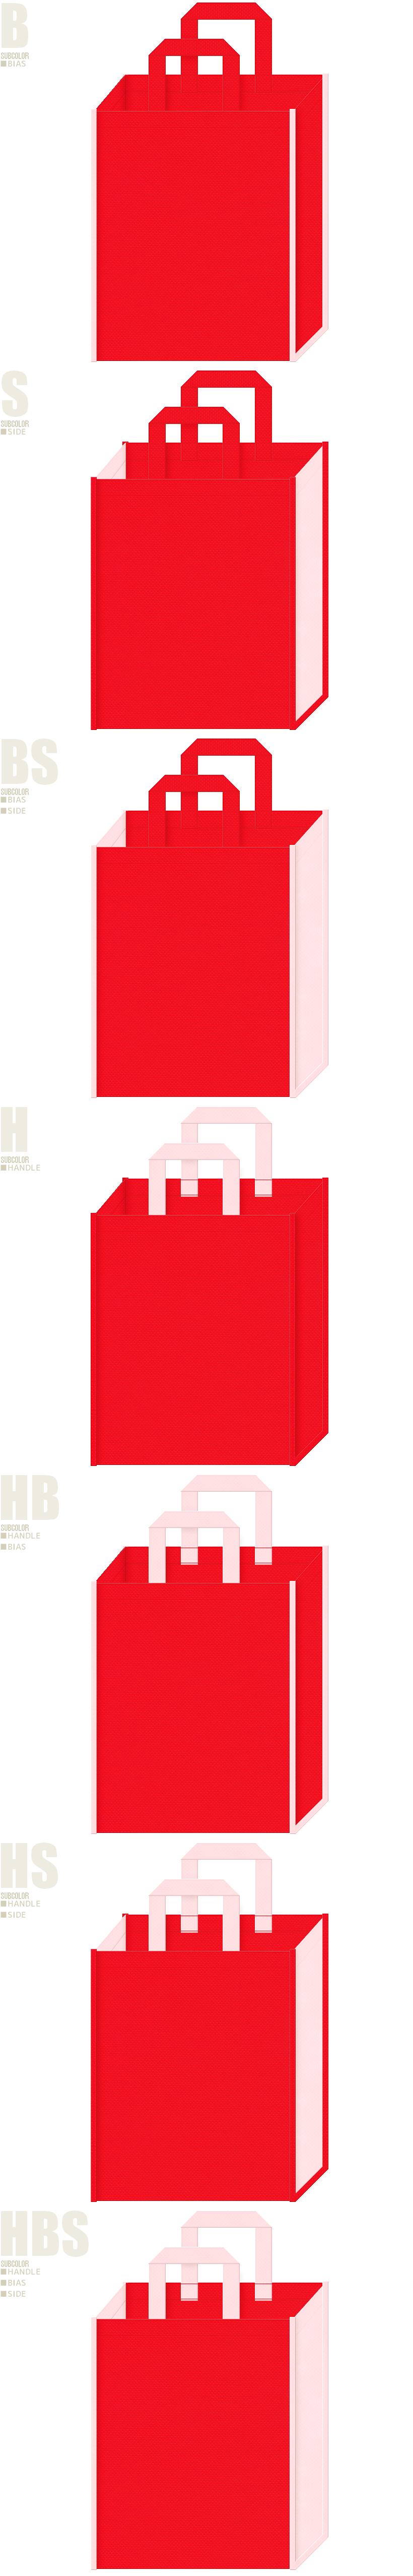 いちご・ひな祭り・カーネーション・母の日のイメージにお奨めの不織布バッグデザイン:赤色と桜色の配色7パターン